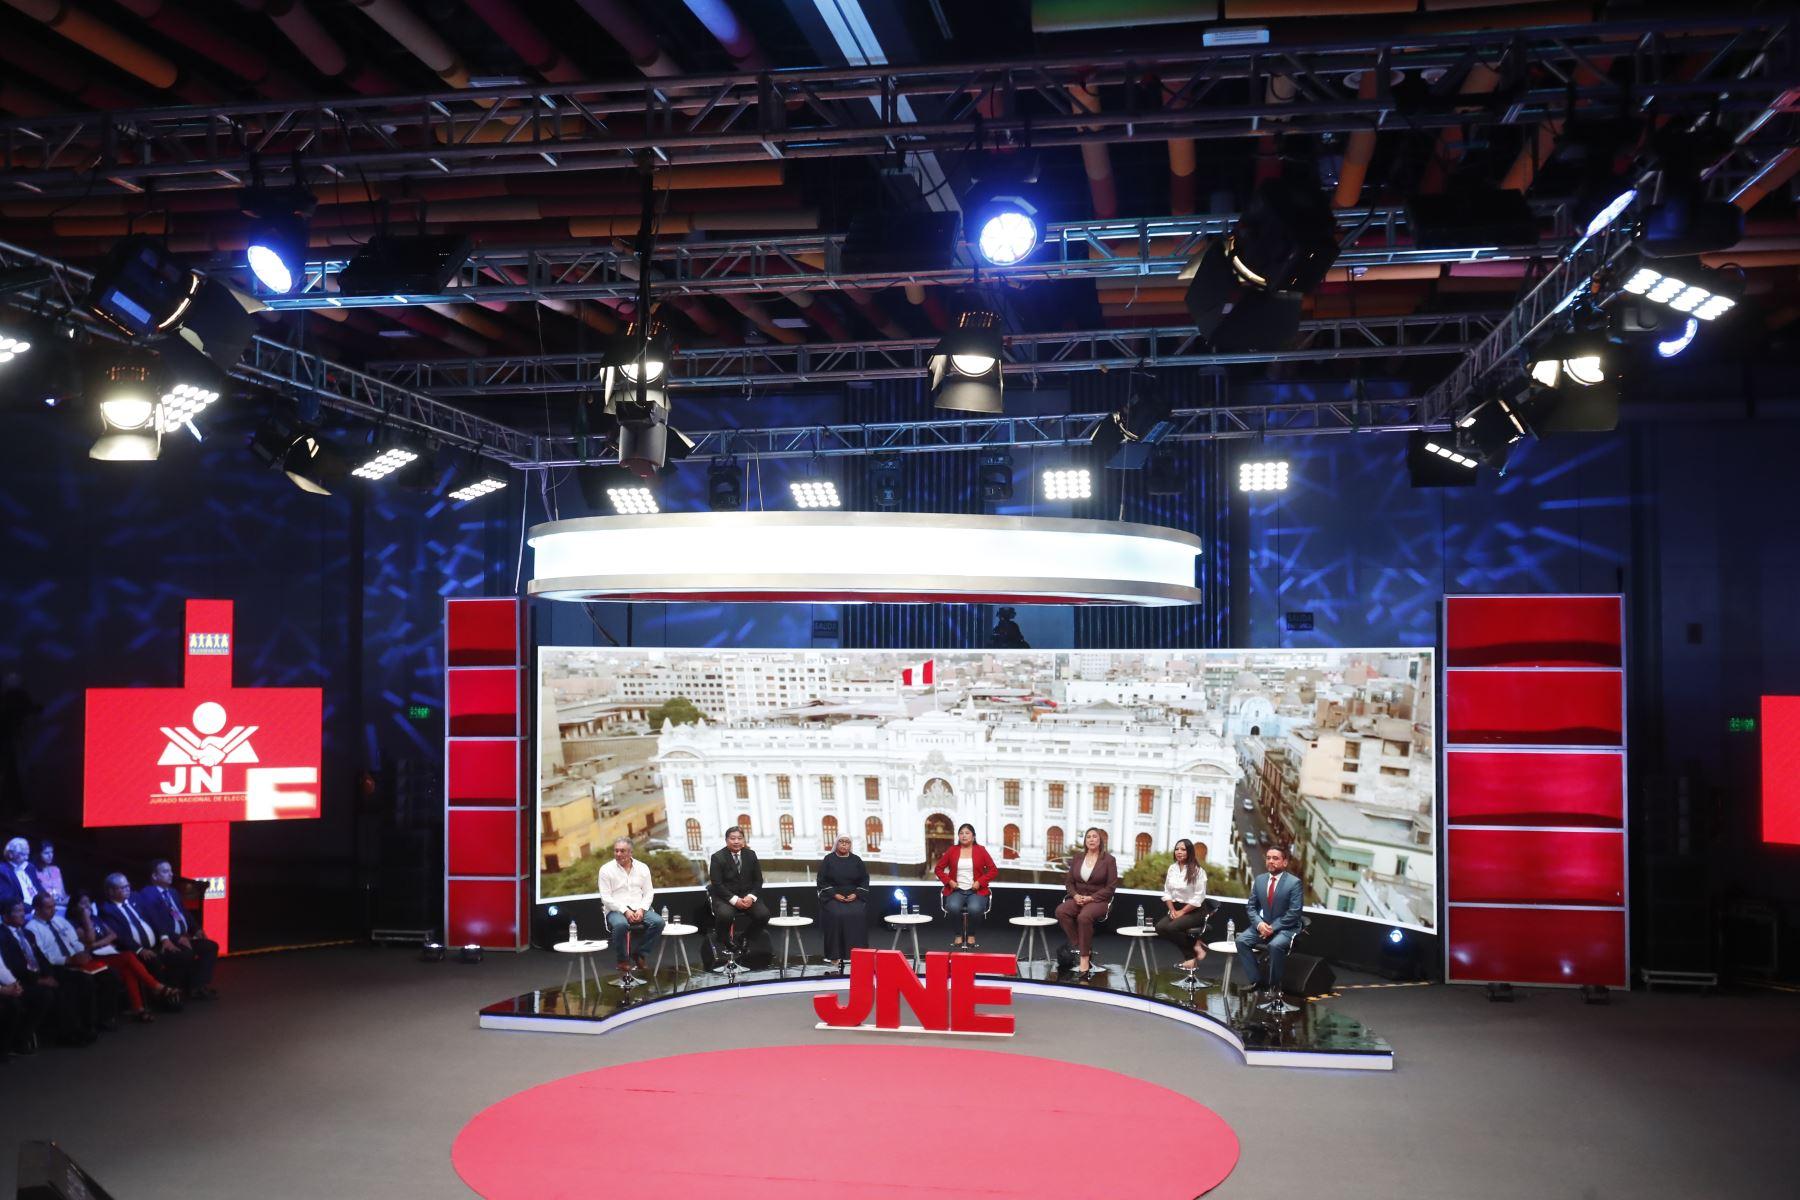 Inicia debate de candidatos al Congreso organizado por el JNE. Foto: ANDINA/Tarqui Vidal